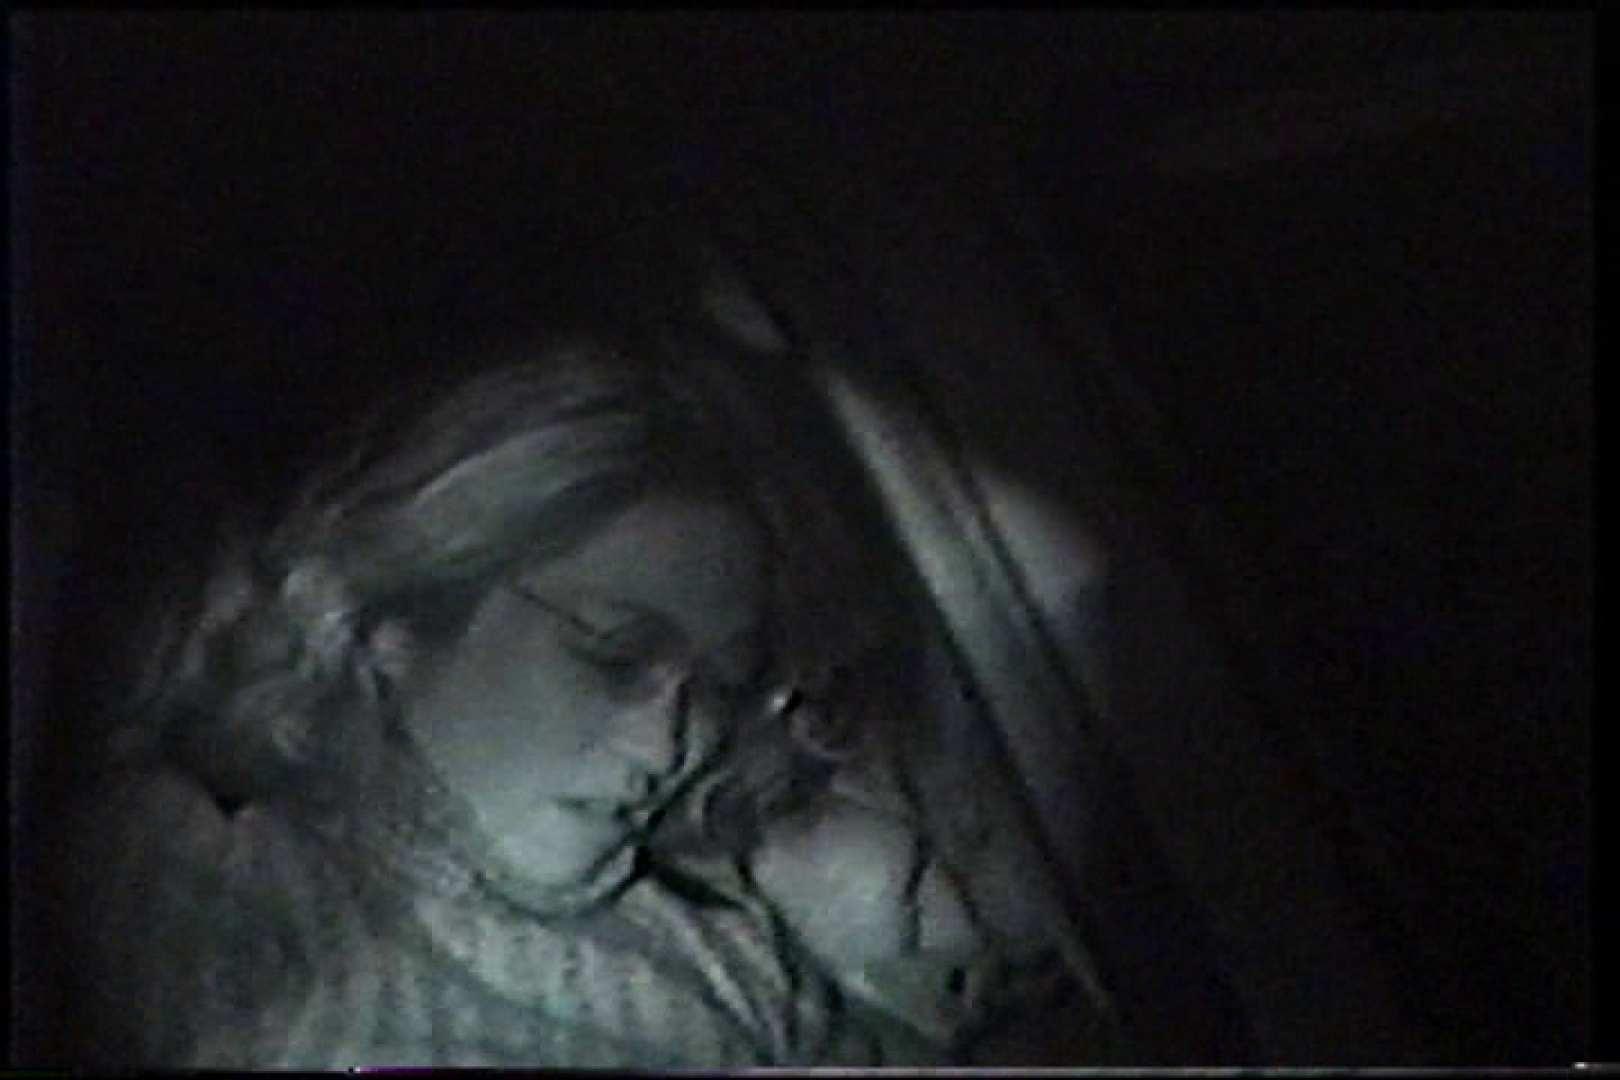 充血監督の深夜の運動会Vol.214 後編. パイパン AV動画キャプチャ 88pic 16